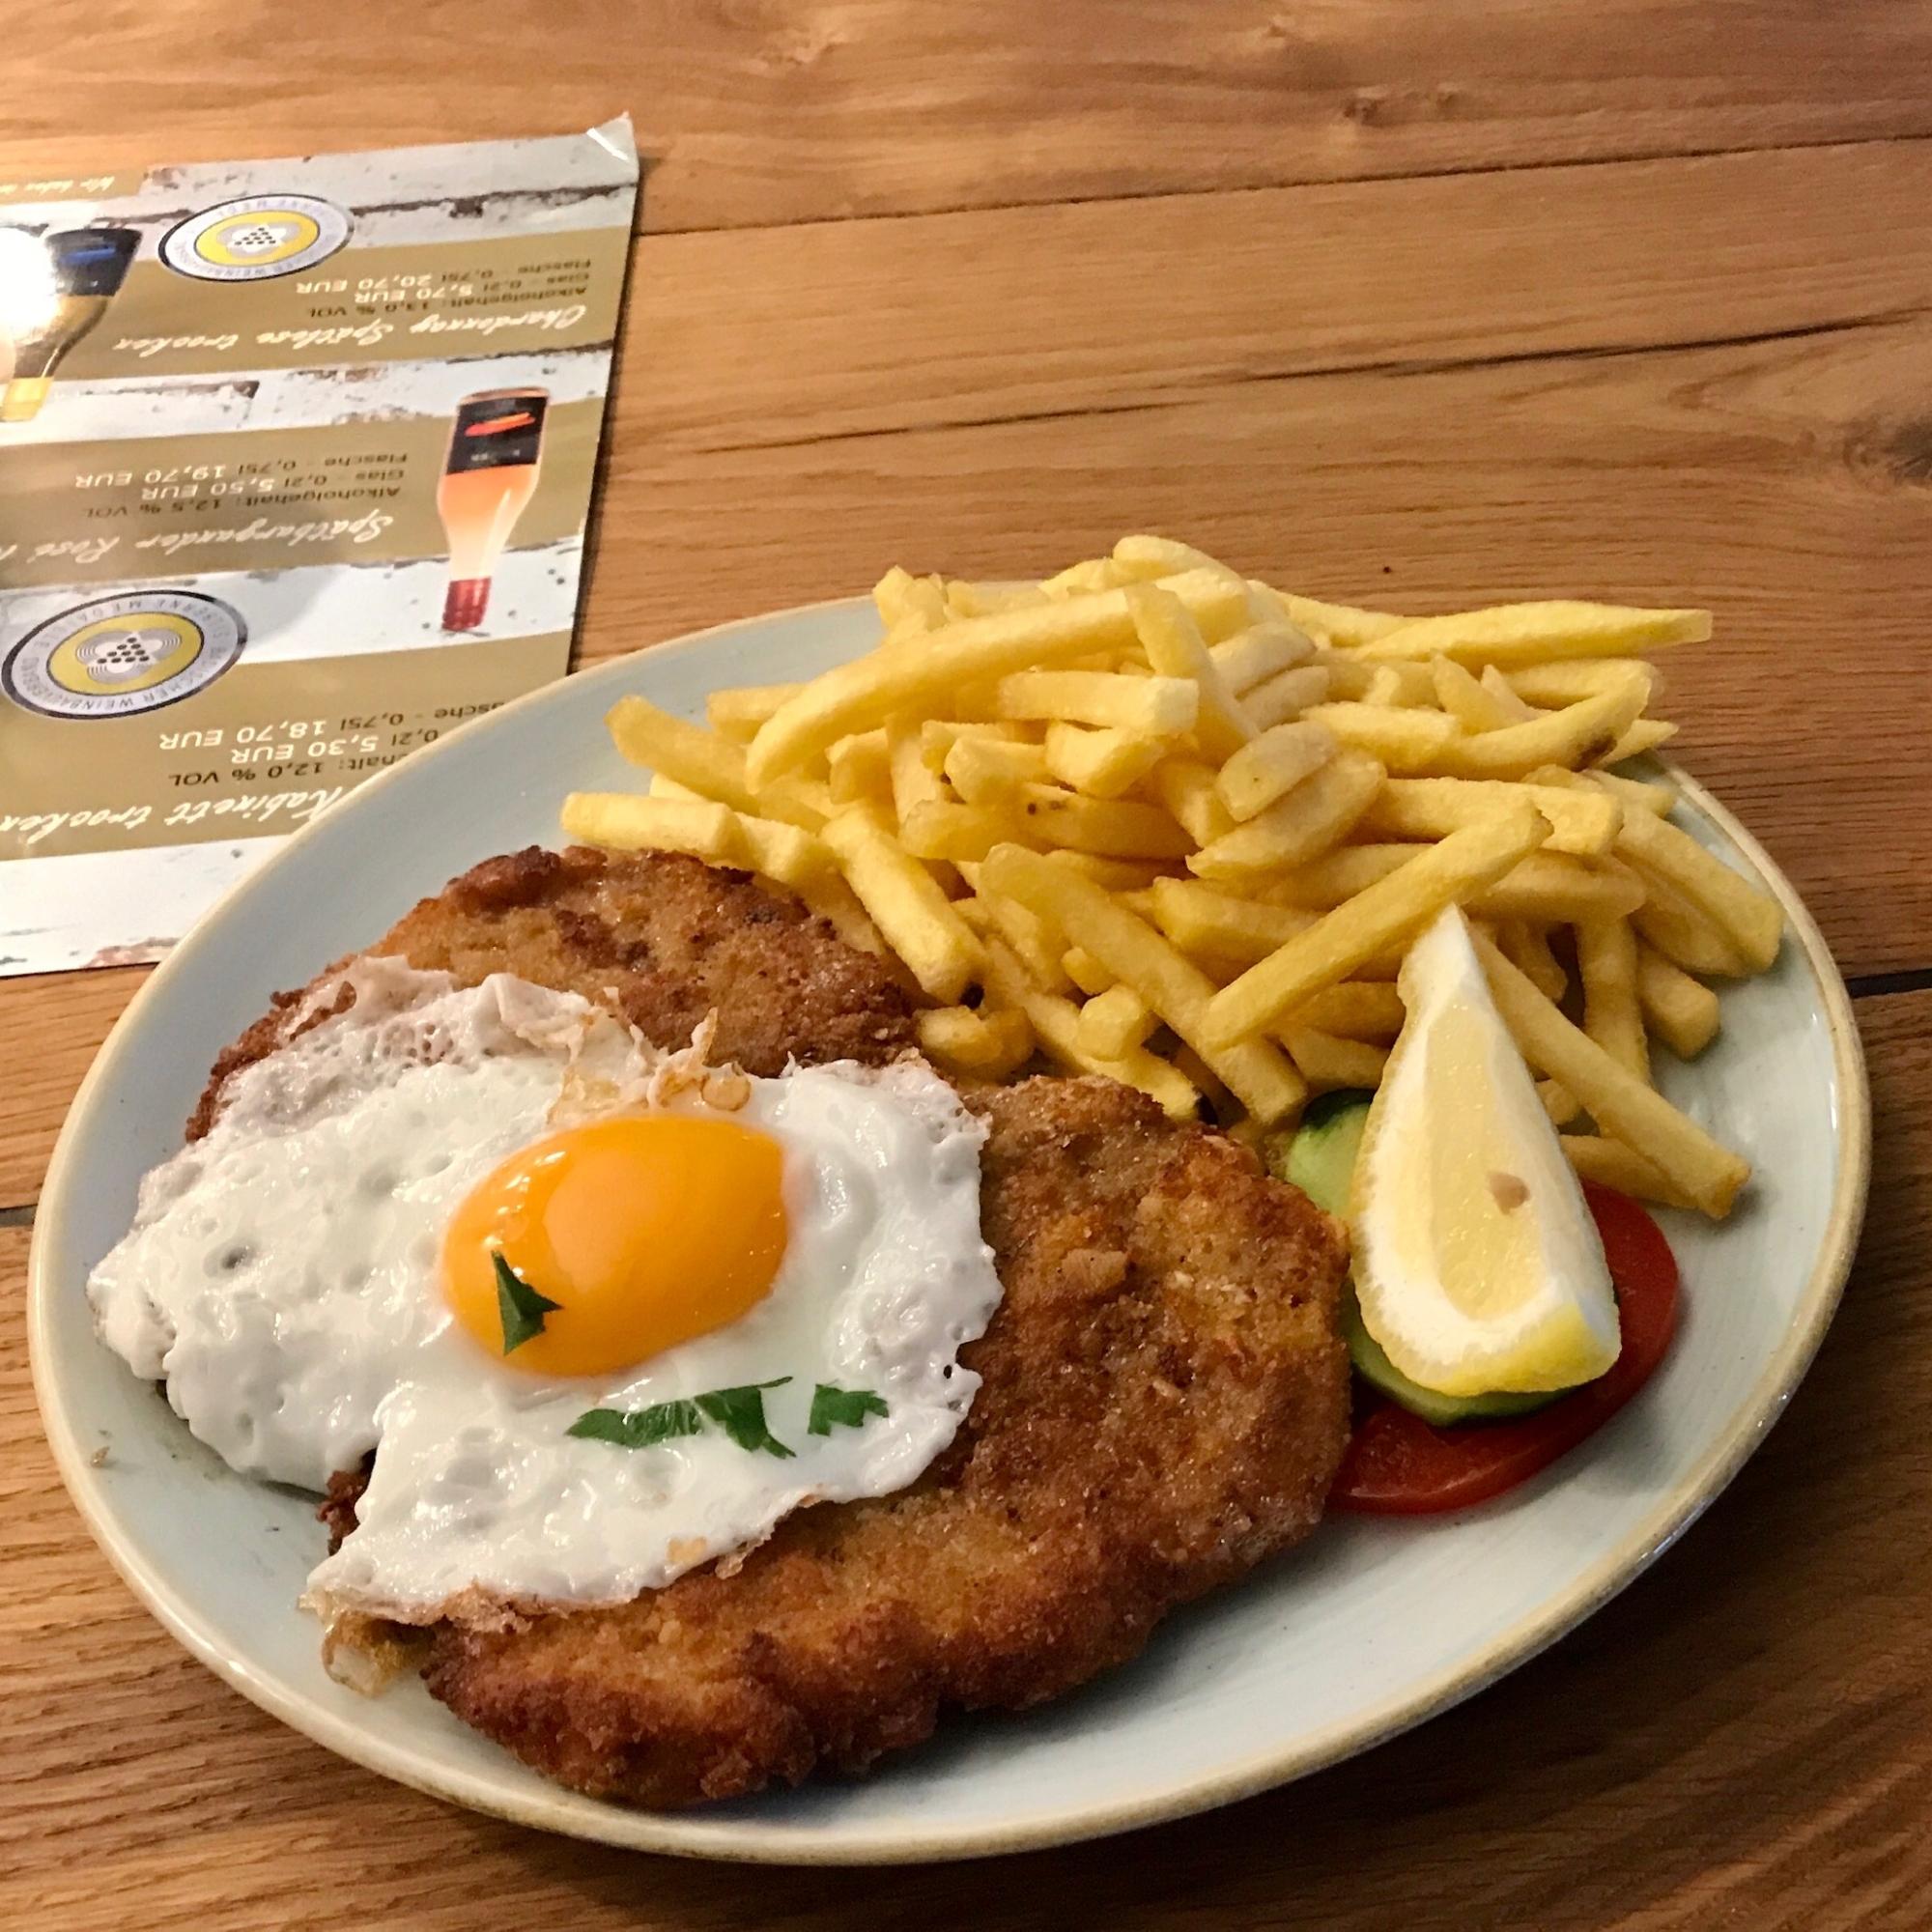 Restaurant-Wedel-Mühlenstein-Burger-Pizza-Brunch-Schweineschnitzel Hamburger Art